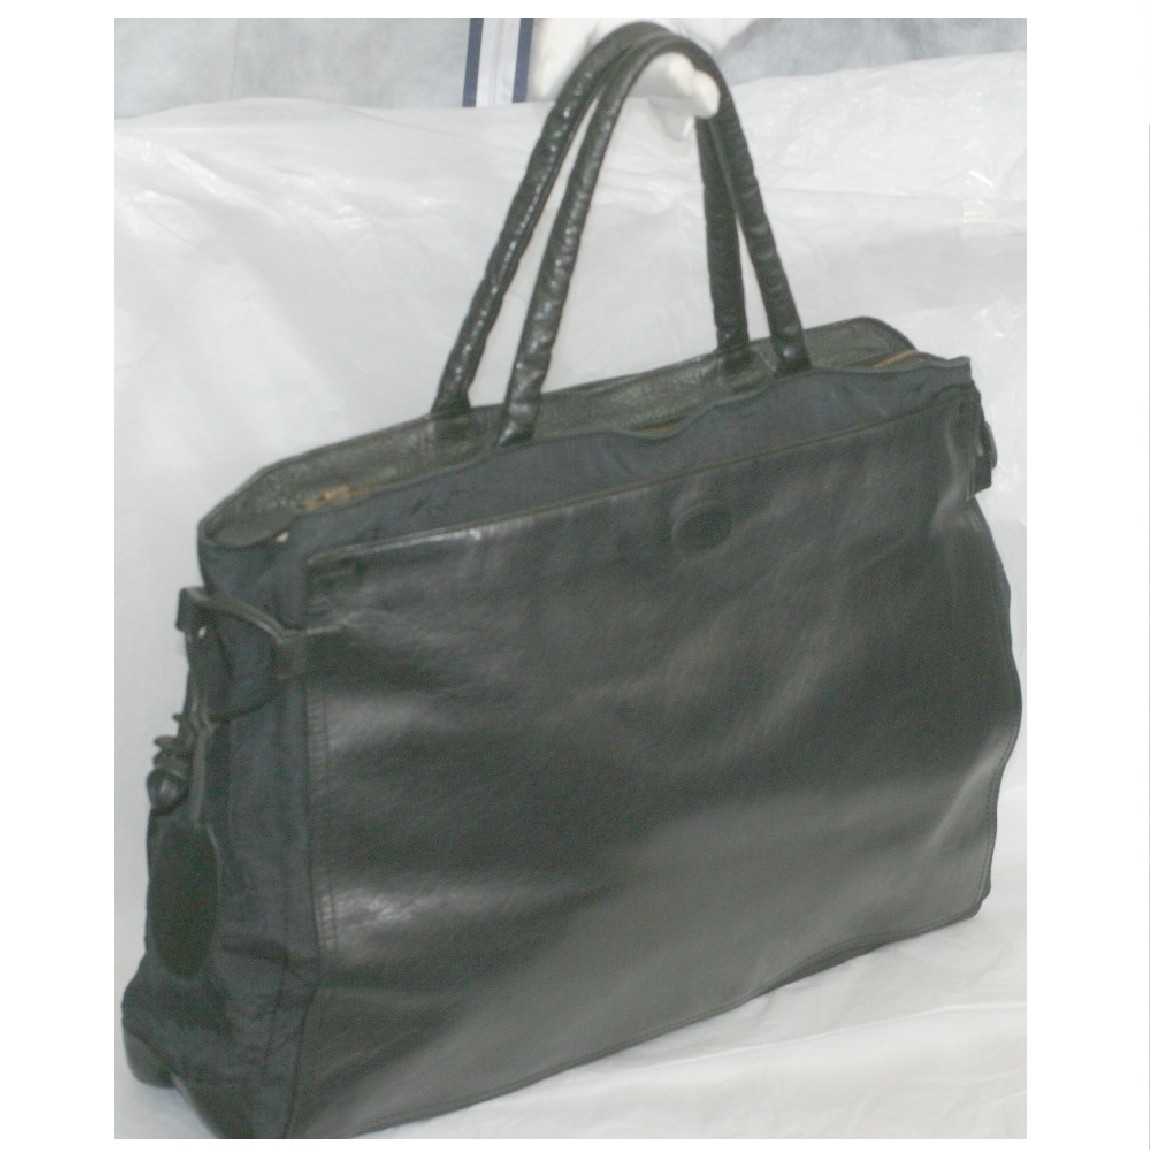 【中古】本物綺麗イビザ男女兼用黒いバッファローxナイロン素材比較的軽い書類鞄兼ブリーフケース サイズW40H28D11cm